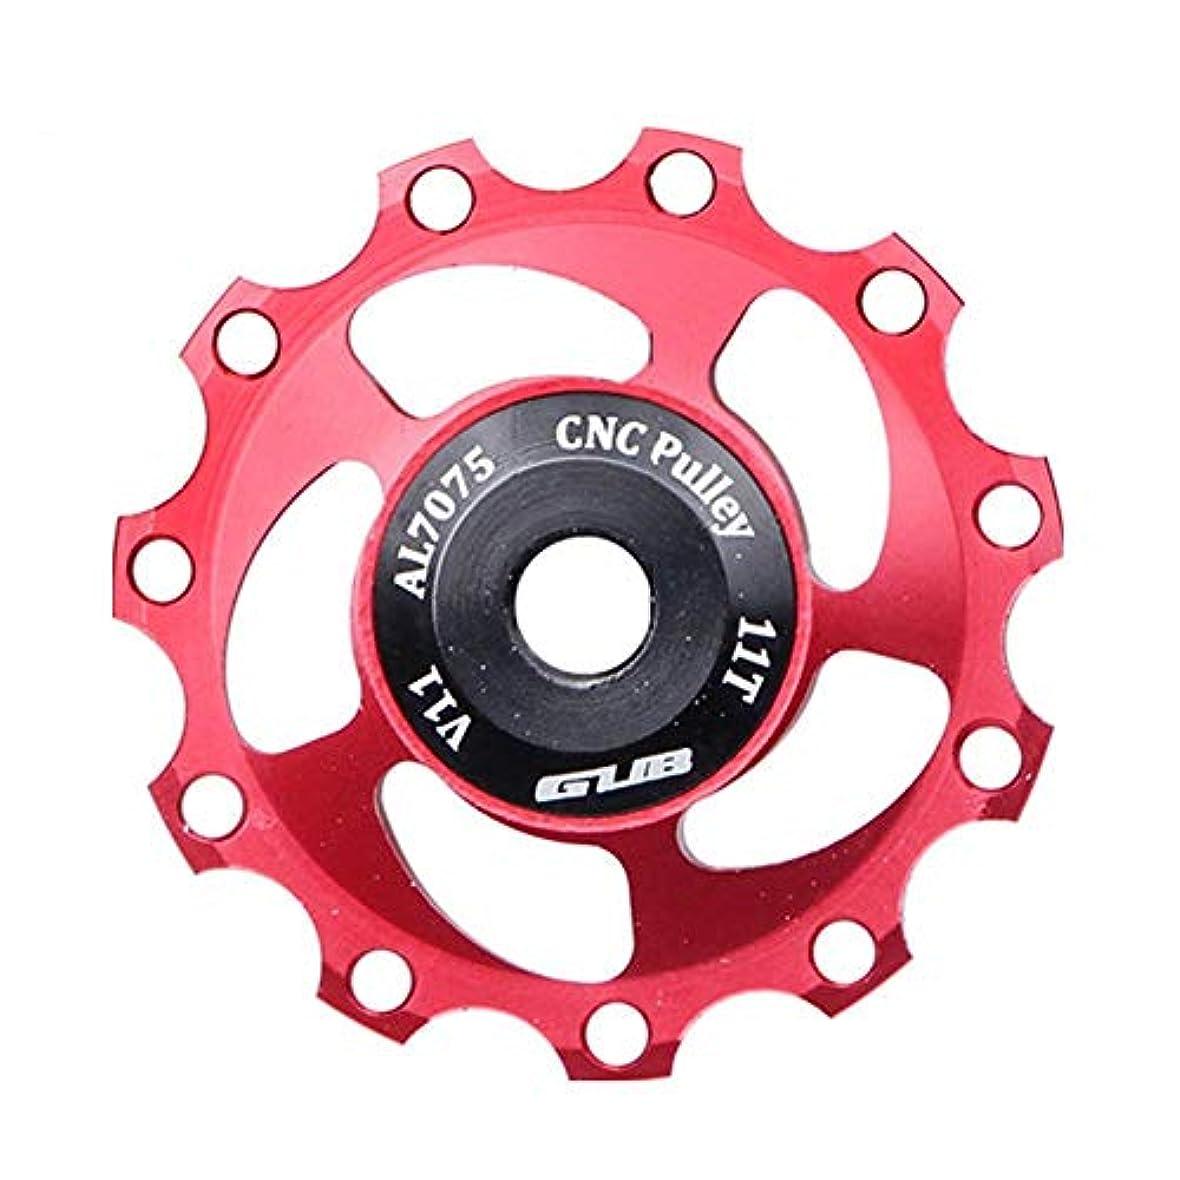 変成器必須サージ自転車リアディレイラー GUB V11アウトドア MTB 11Tベアリングプー サイクリングアクセサリー ディレイラー 自転車パーツ MKchung